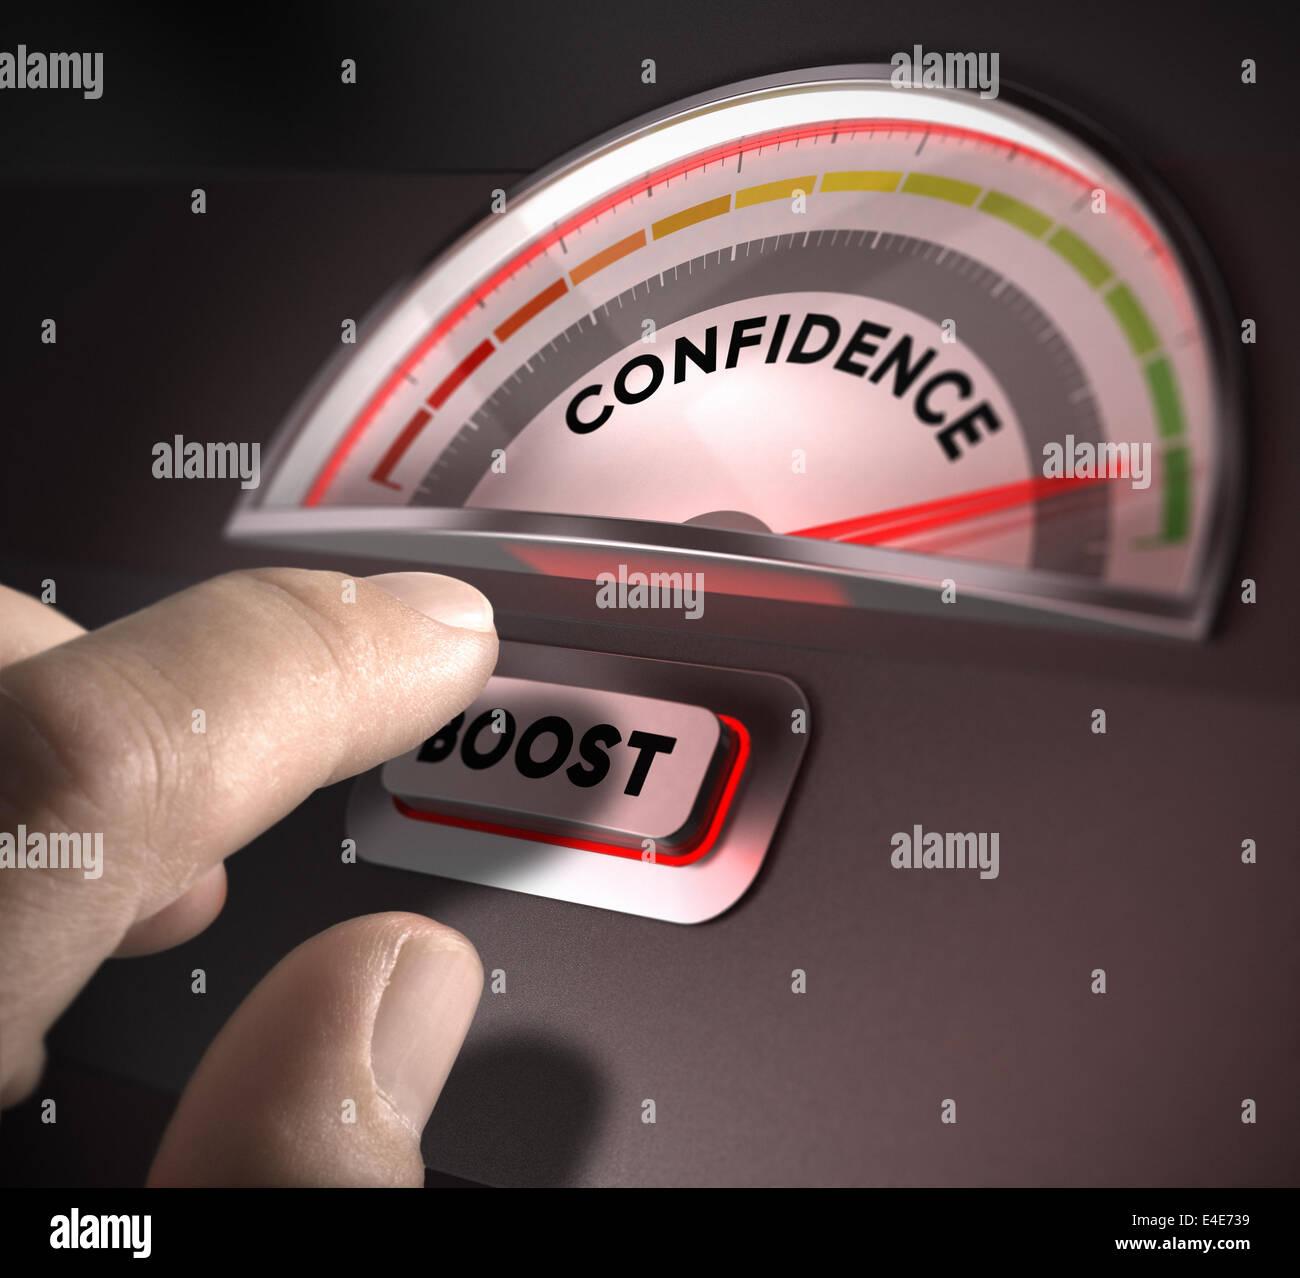 Le cadran de l'indicateur de confiance, l'index et le bouton boost sur un fond sombre. Illustration de la Photo Stock